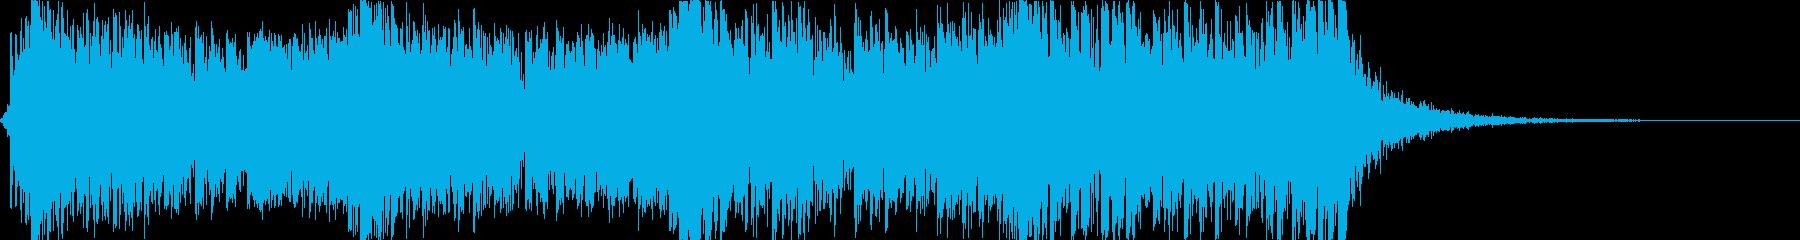 迫力あるシネマティックパーカッション01の再生済みの波形